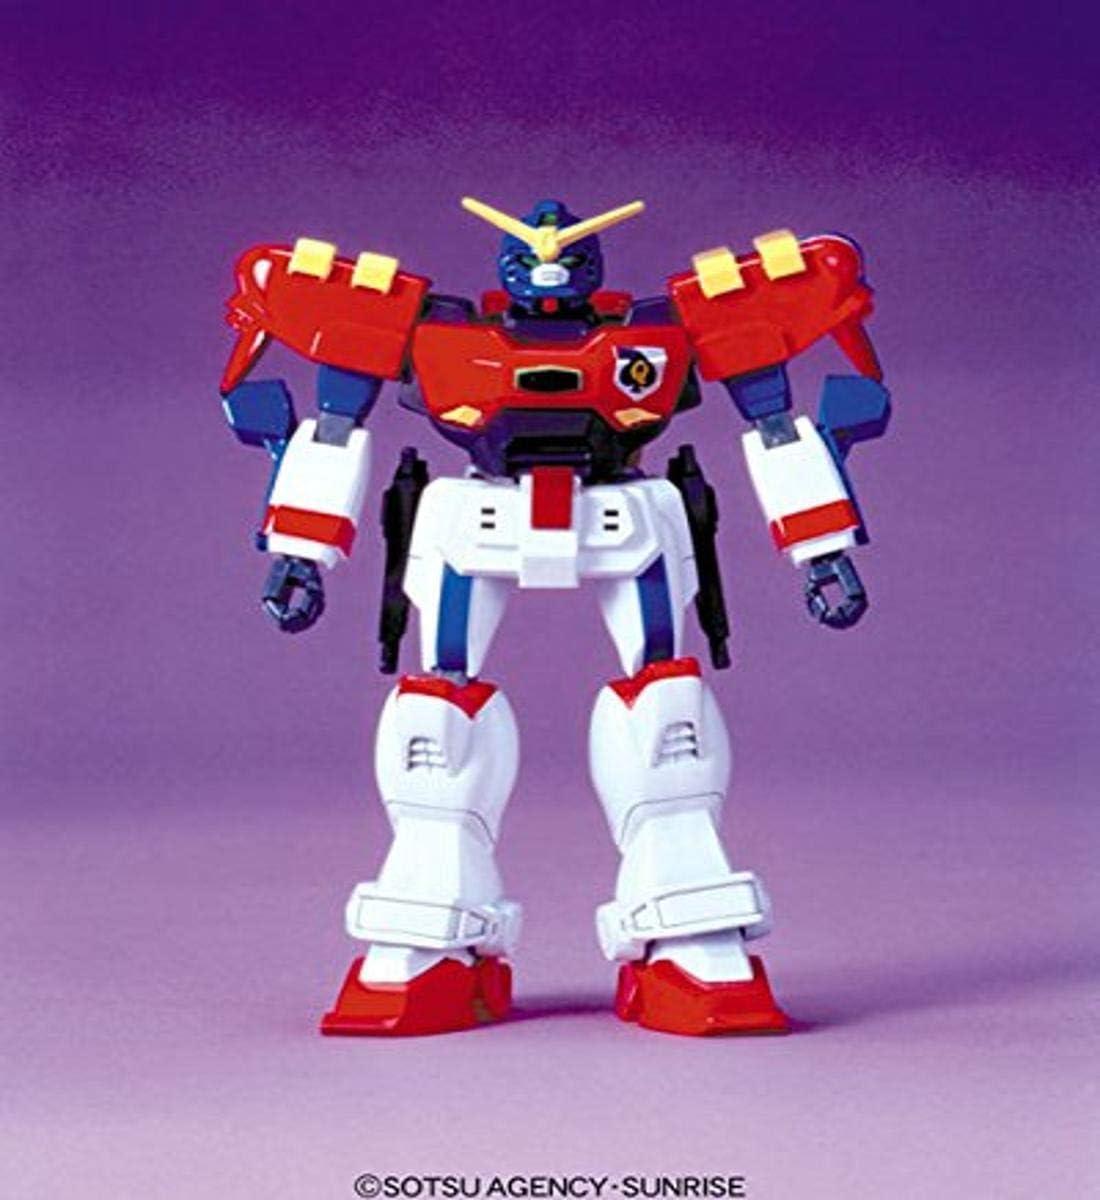 Bandai Hobby G-03 Maxter Gundam 1/144, Bandai G Gundam Action Figure